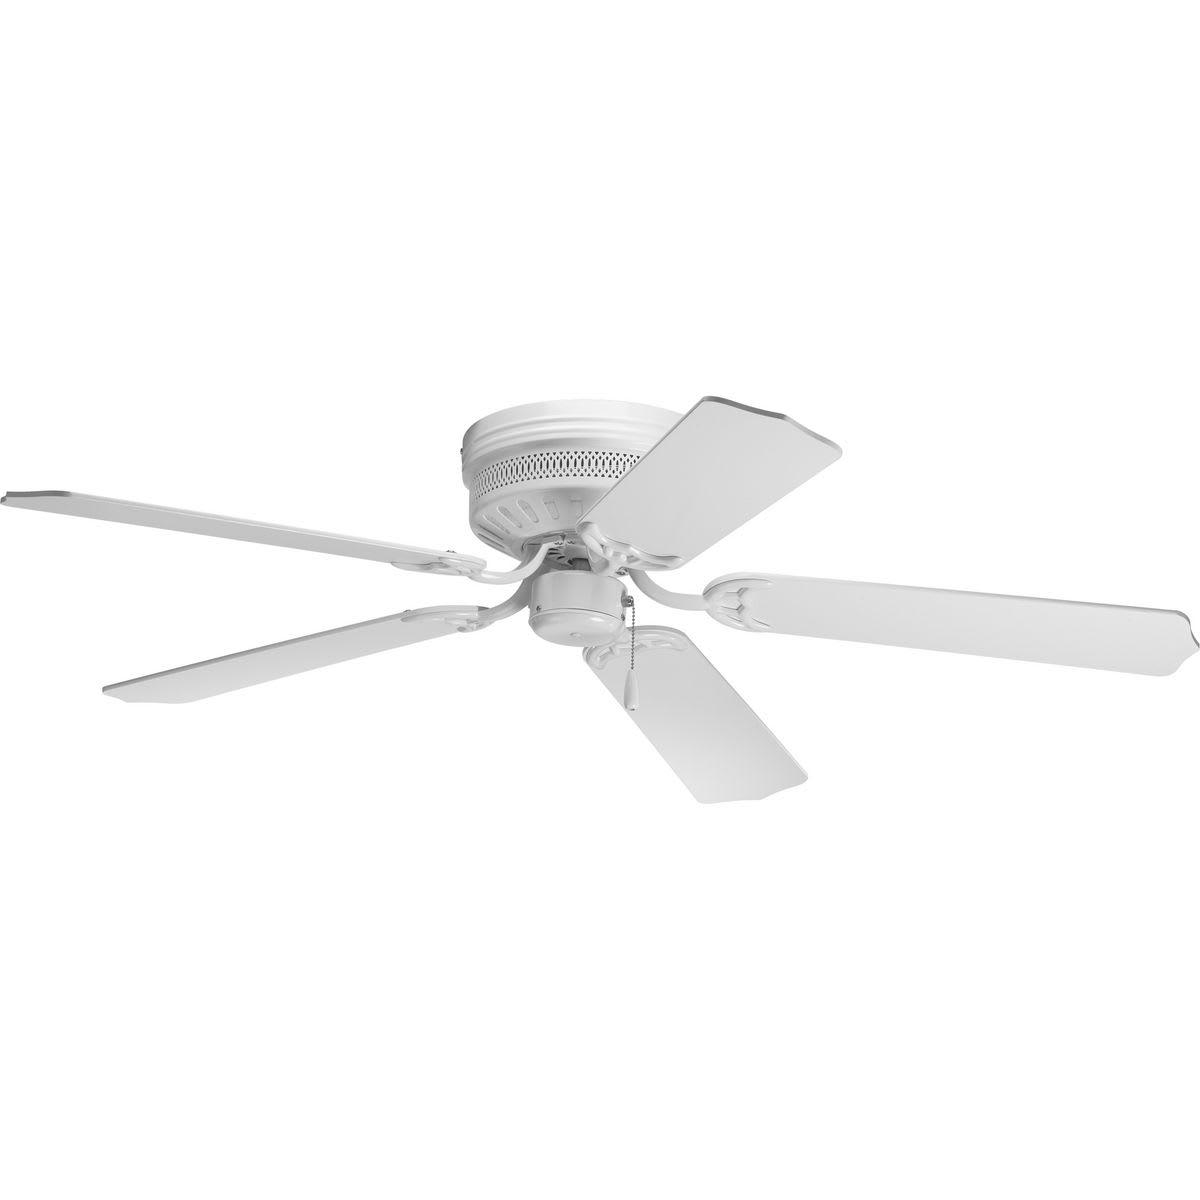 Progress Lighting P2525 30 White Hugger 52 5 Blade Flush Mount Ceiling Fan Blades Included Lightingdirect Com